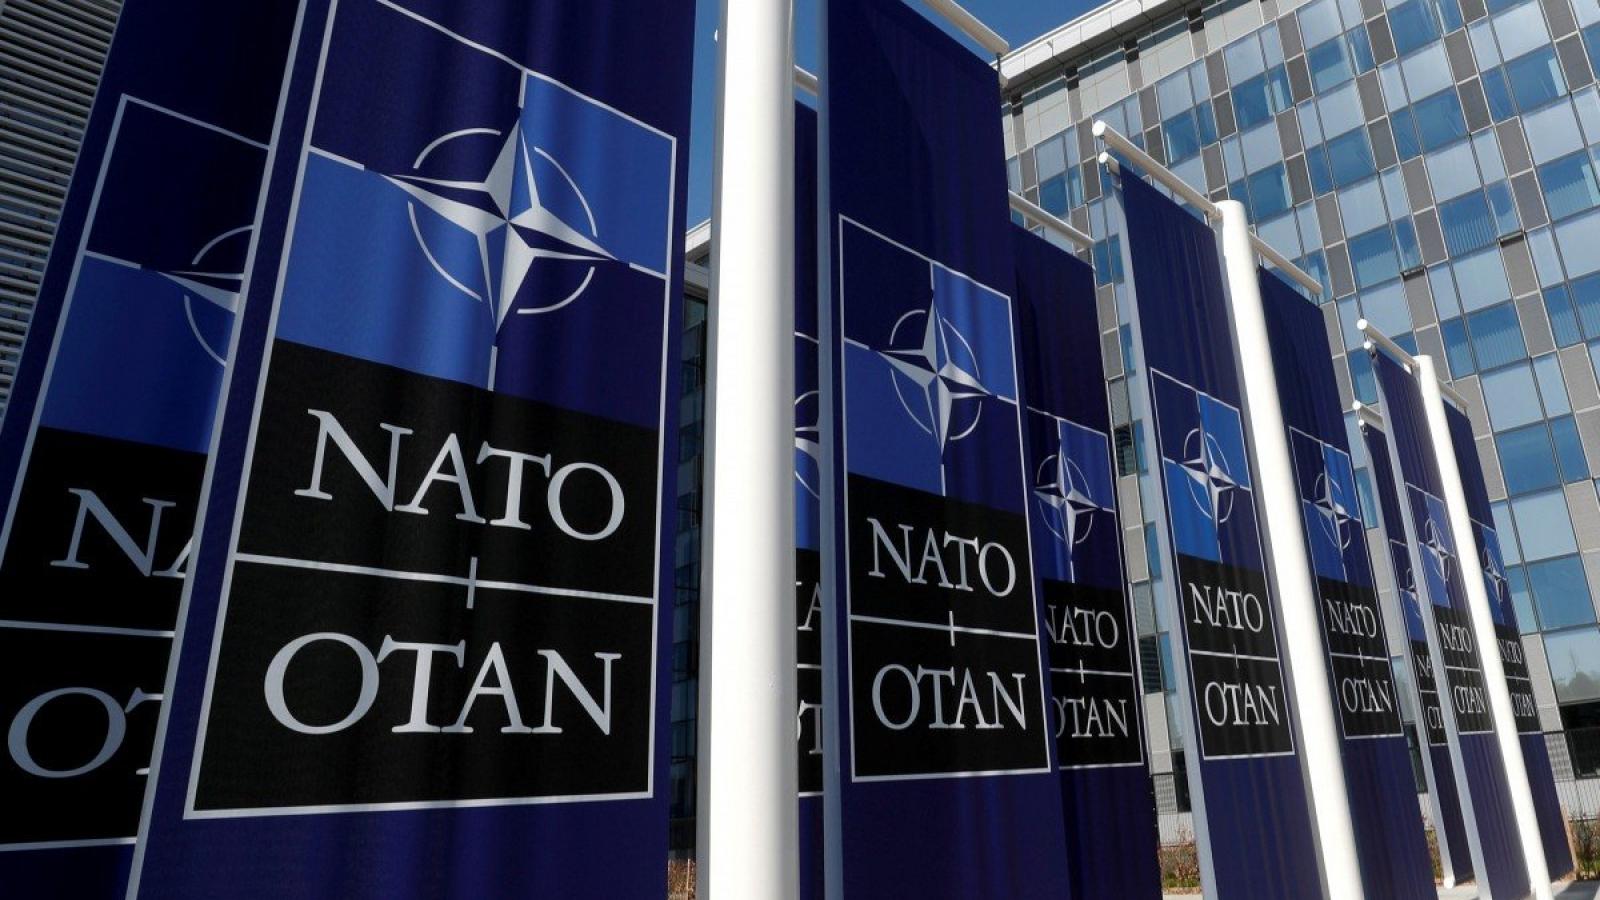 NATO xác định Trung Quốc là mối đe dọa quân sự với châu Âu và Mỹ